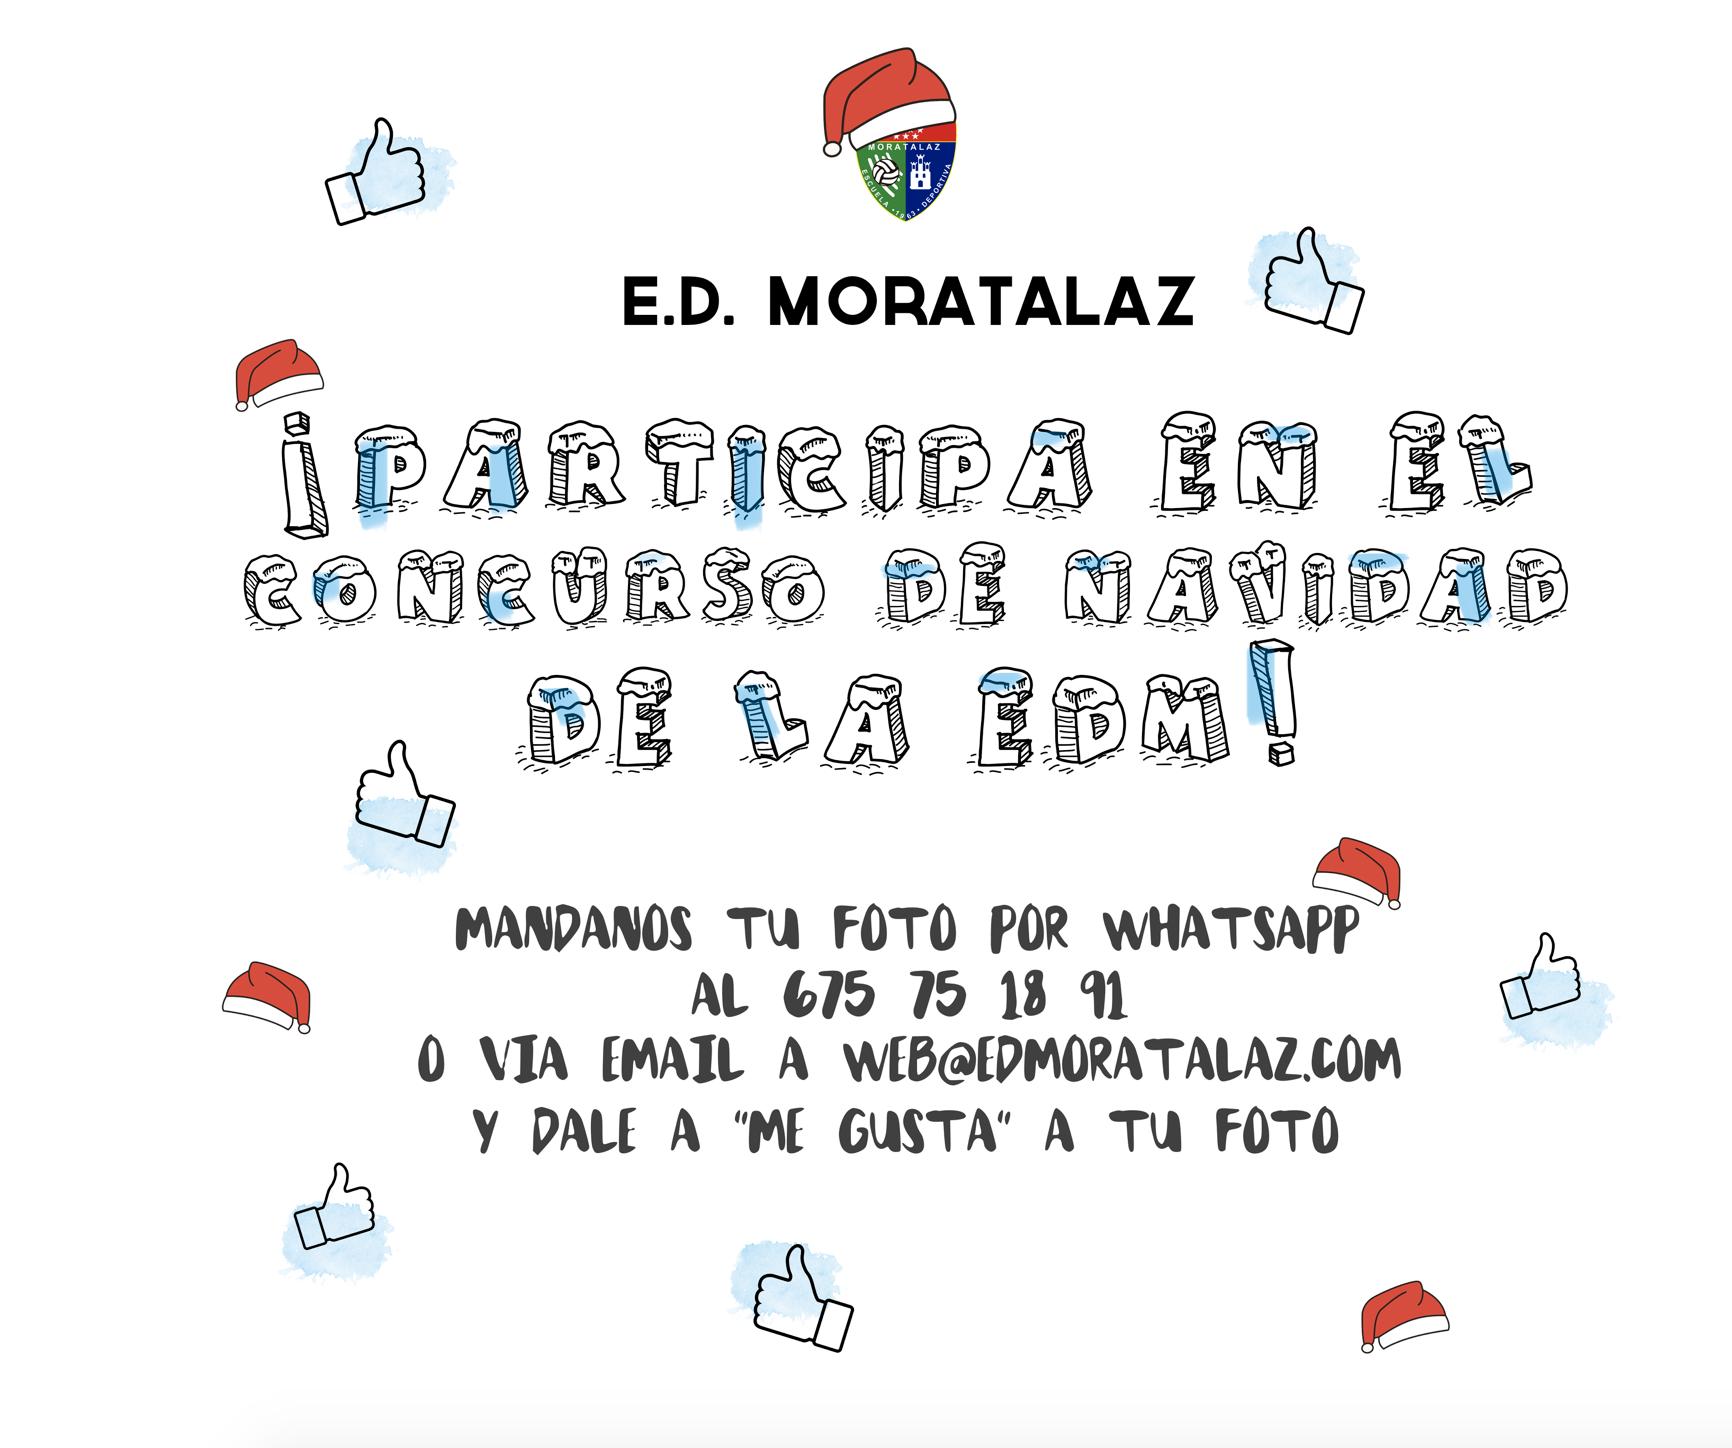 ¡Participa en el concurso navideño de la EDM!